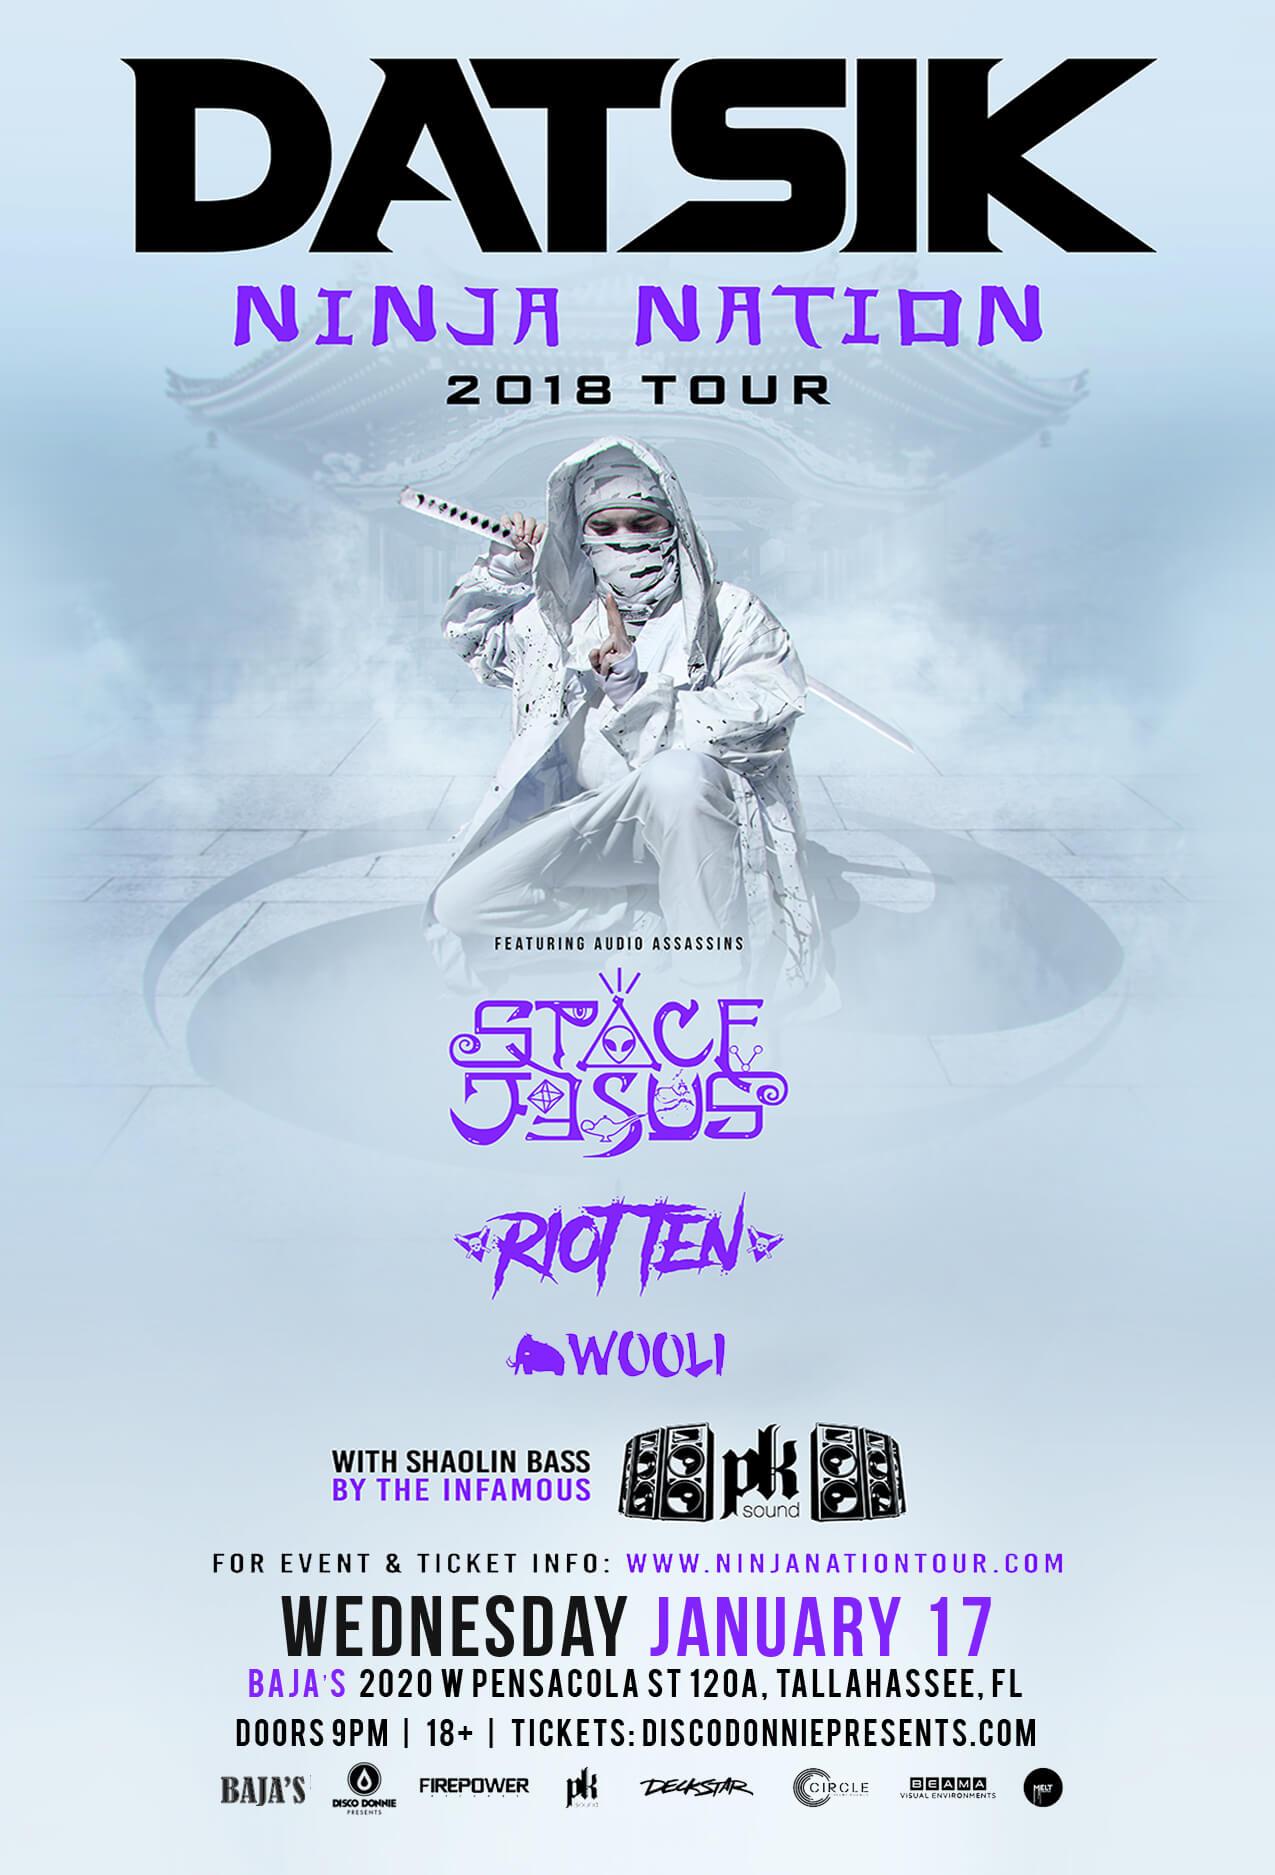 Datsik Ninja Nation Tour 2020 Datsik, Space Jesus, Riot Ten, Wooli at Bajas